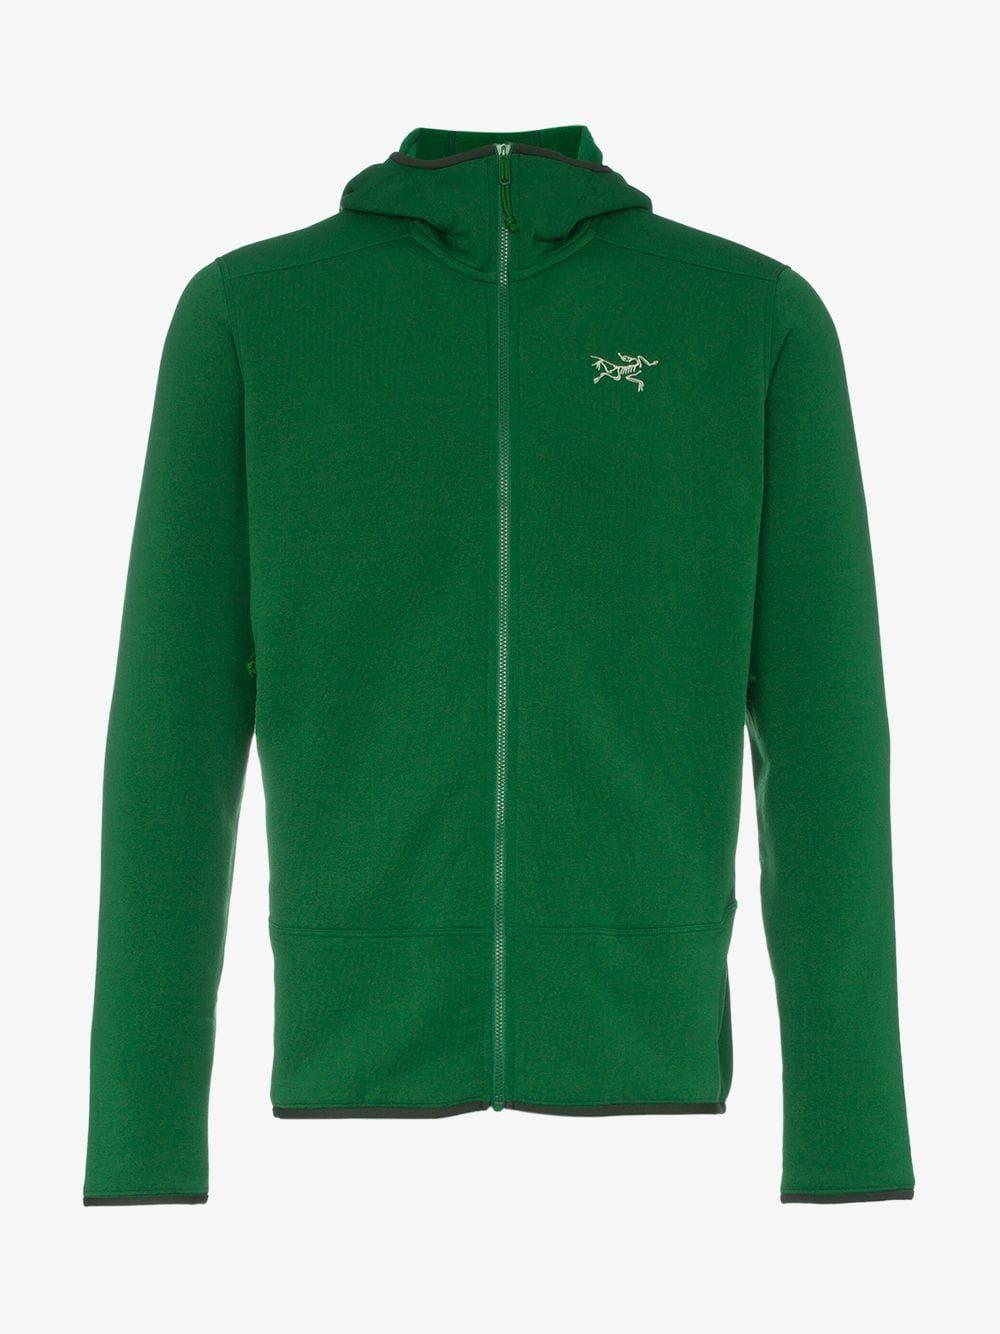 Green Kyanite Hd Hooded Jacket